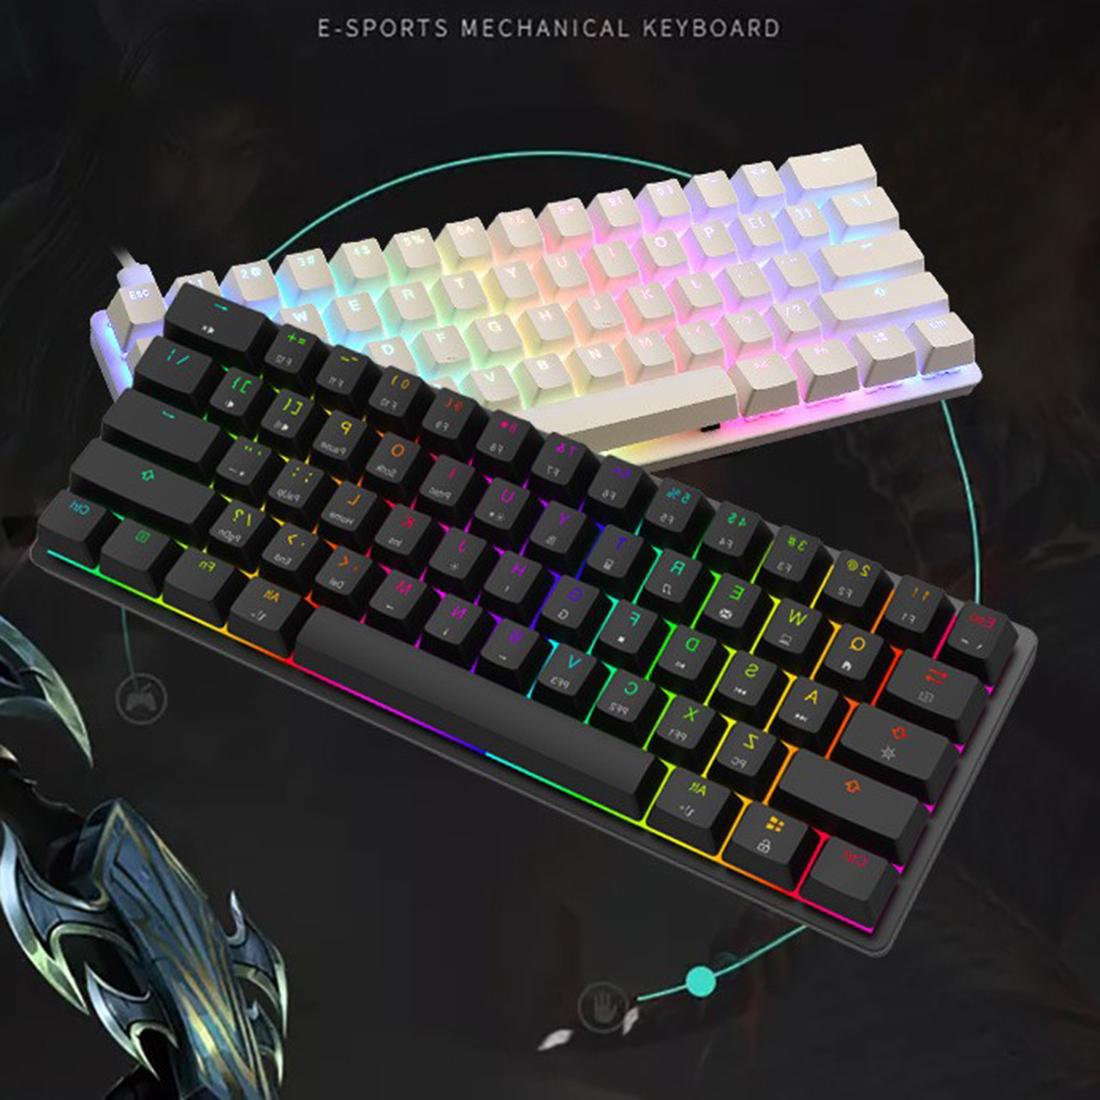 Magic-Refiner MK22 61-Key Mechanical Gaming Keyboard N-key Rollover RGB Wired